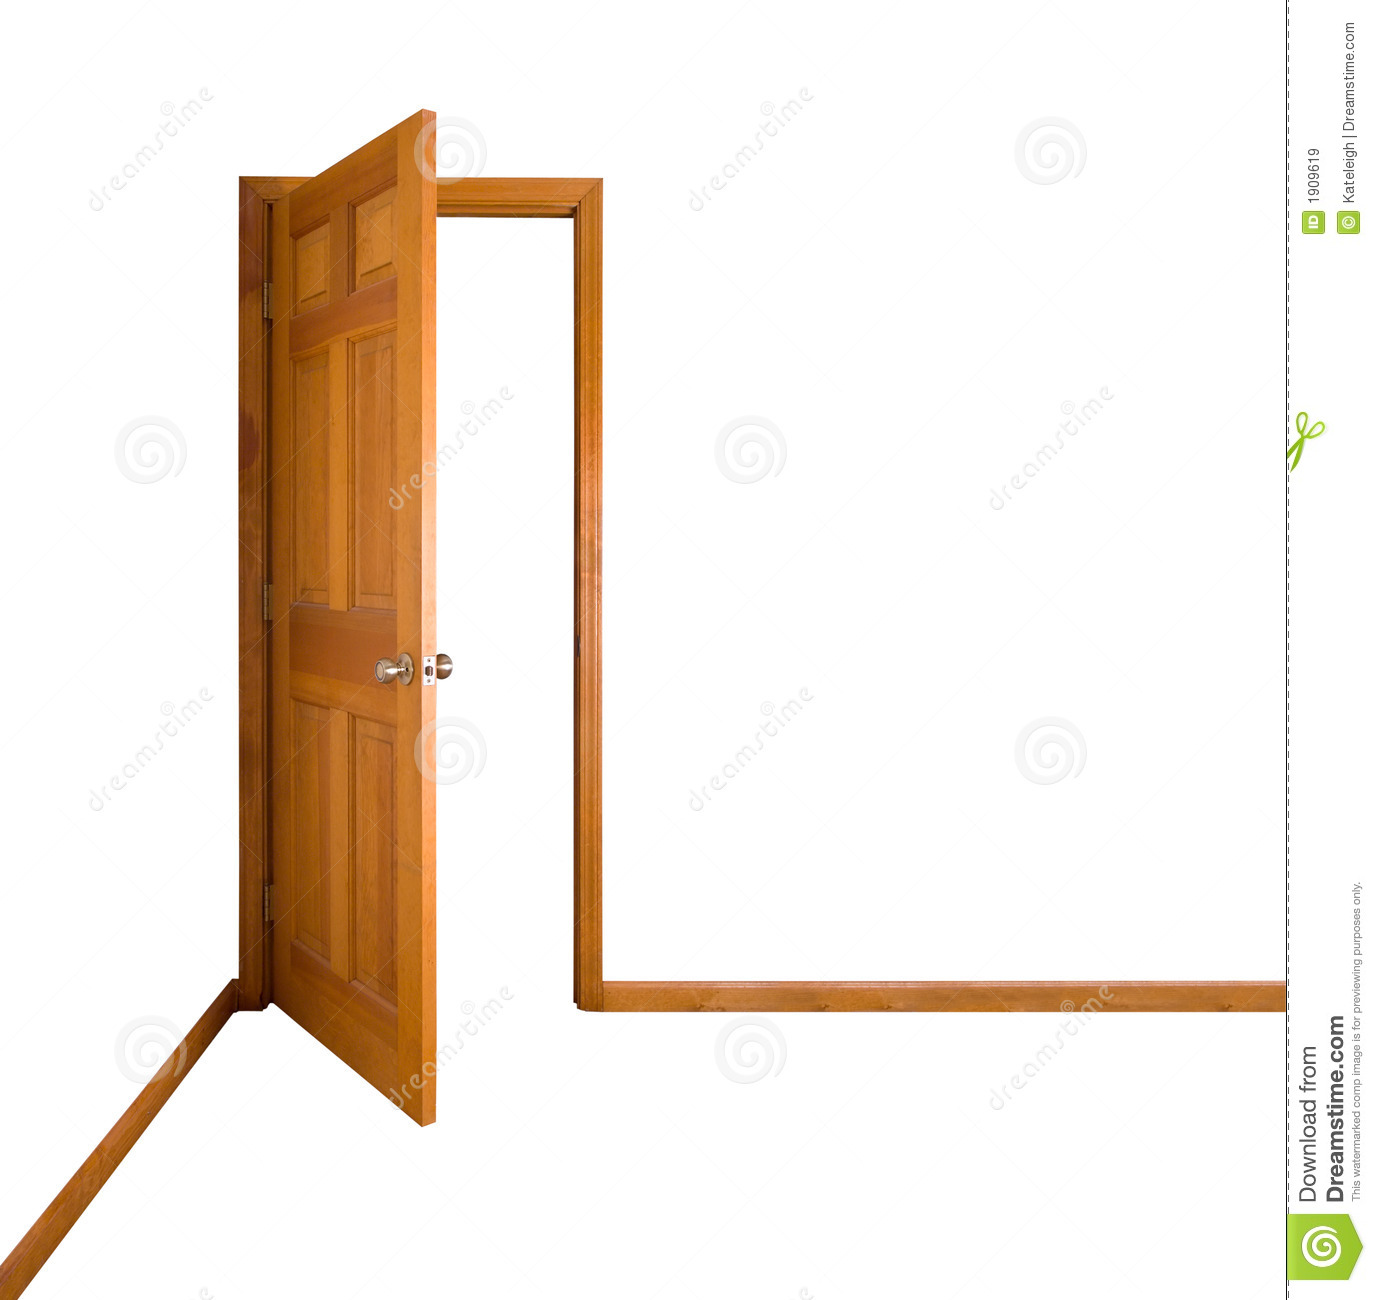 Open door clipart clipart suggest for 0pen door